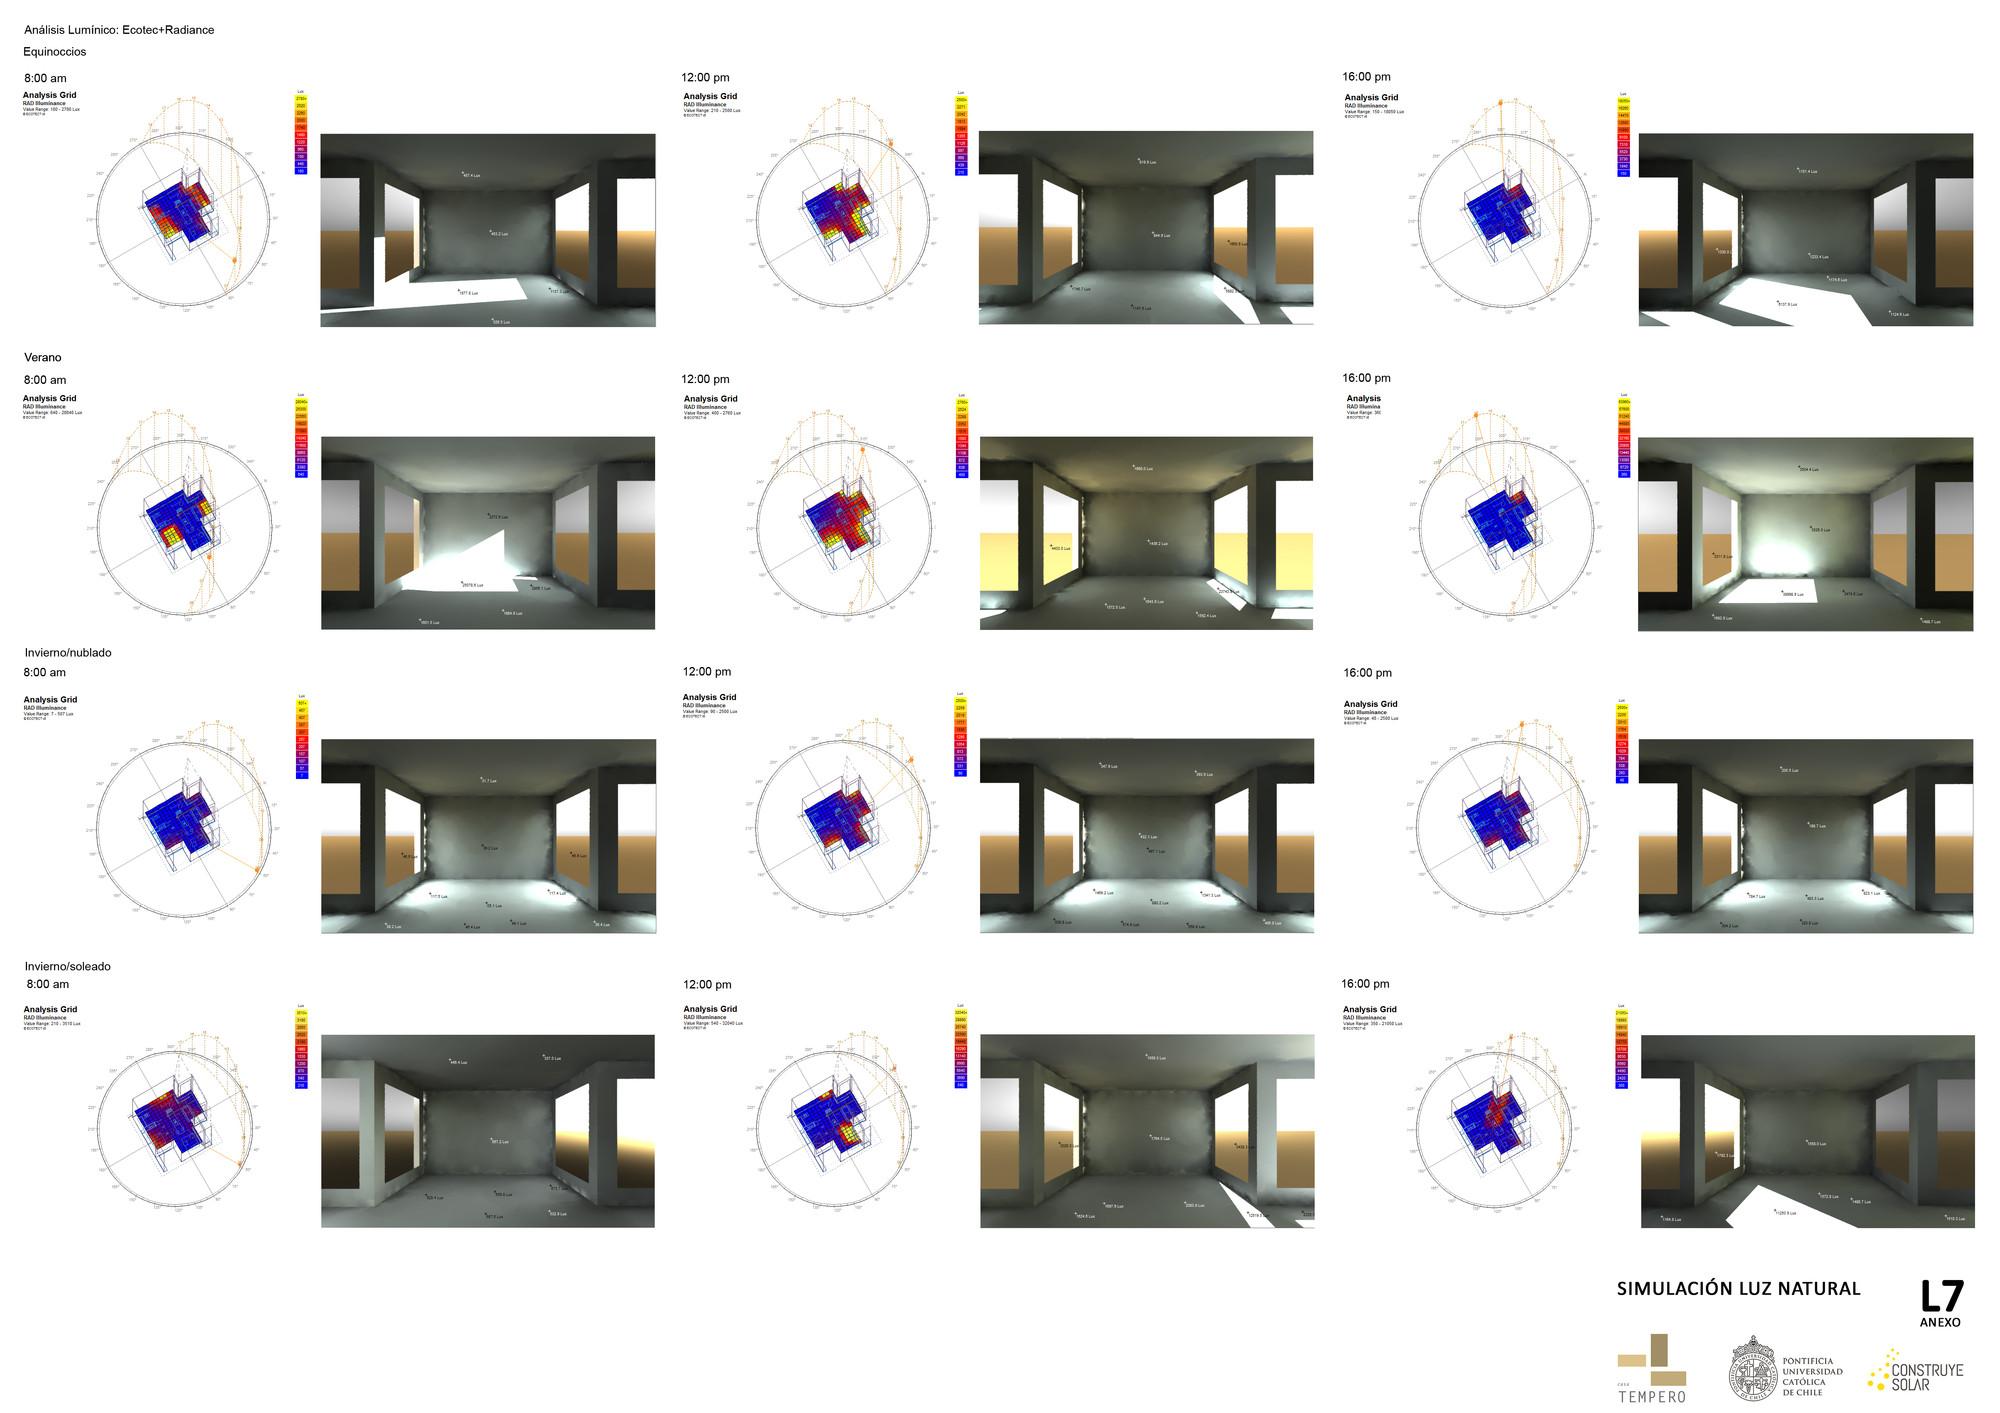 Lámina #07: simulación de luz natural. Image Cortesia de Equipo TLC331